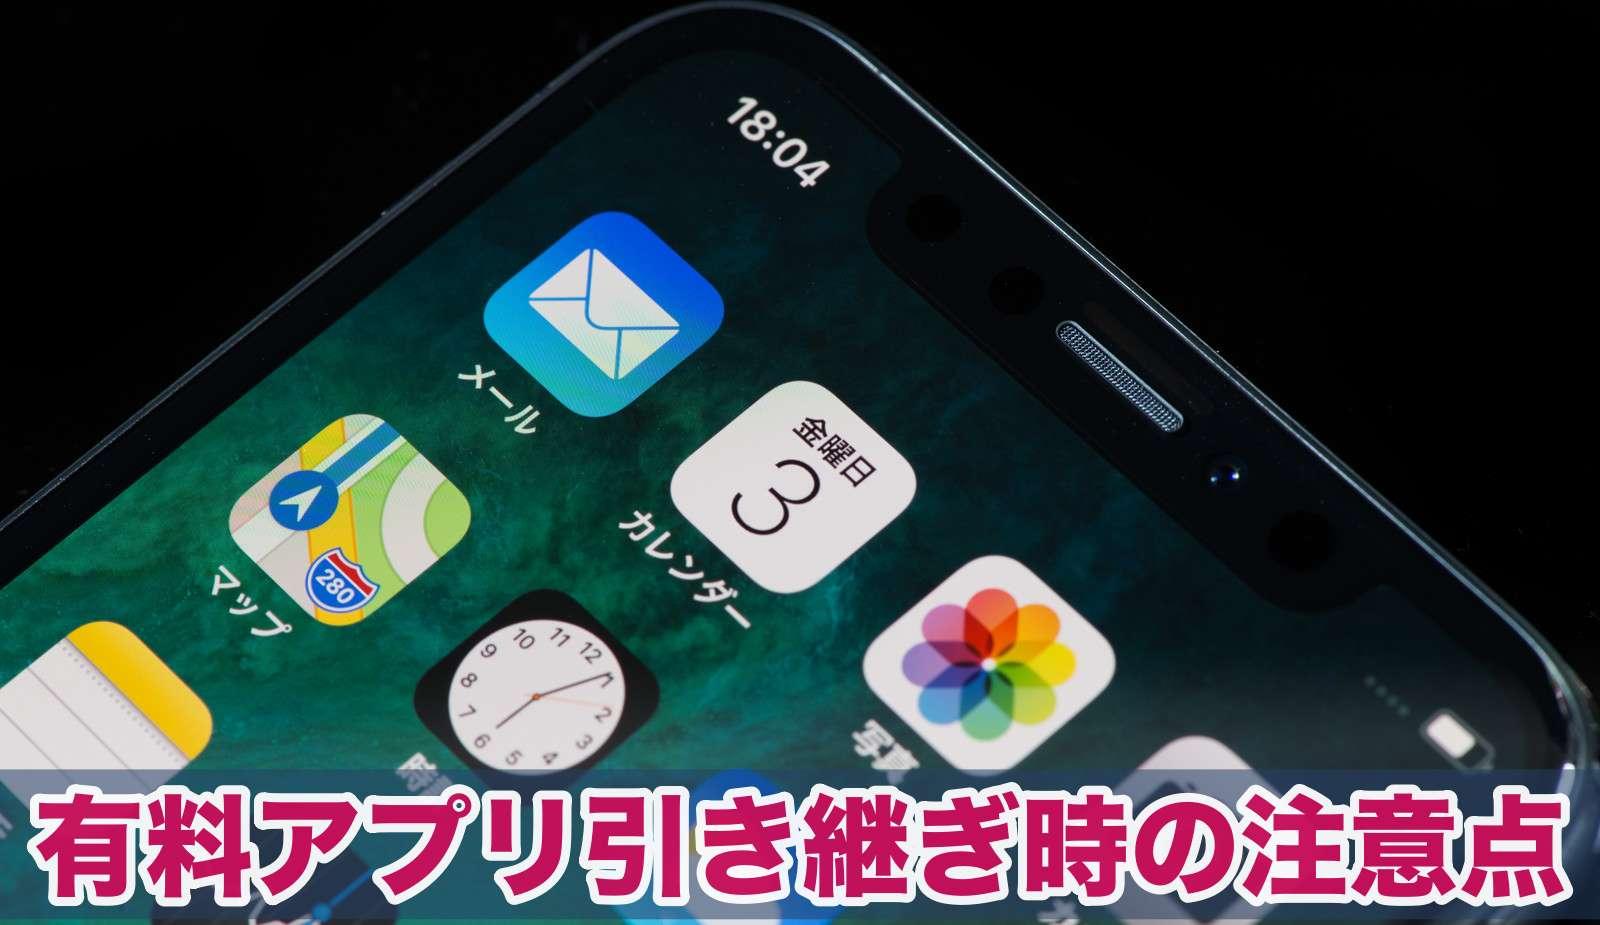 【iPhoneの機種変更】有料アプリ引き継ぎ